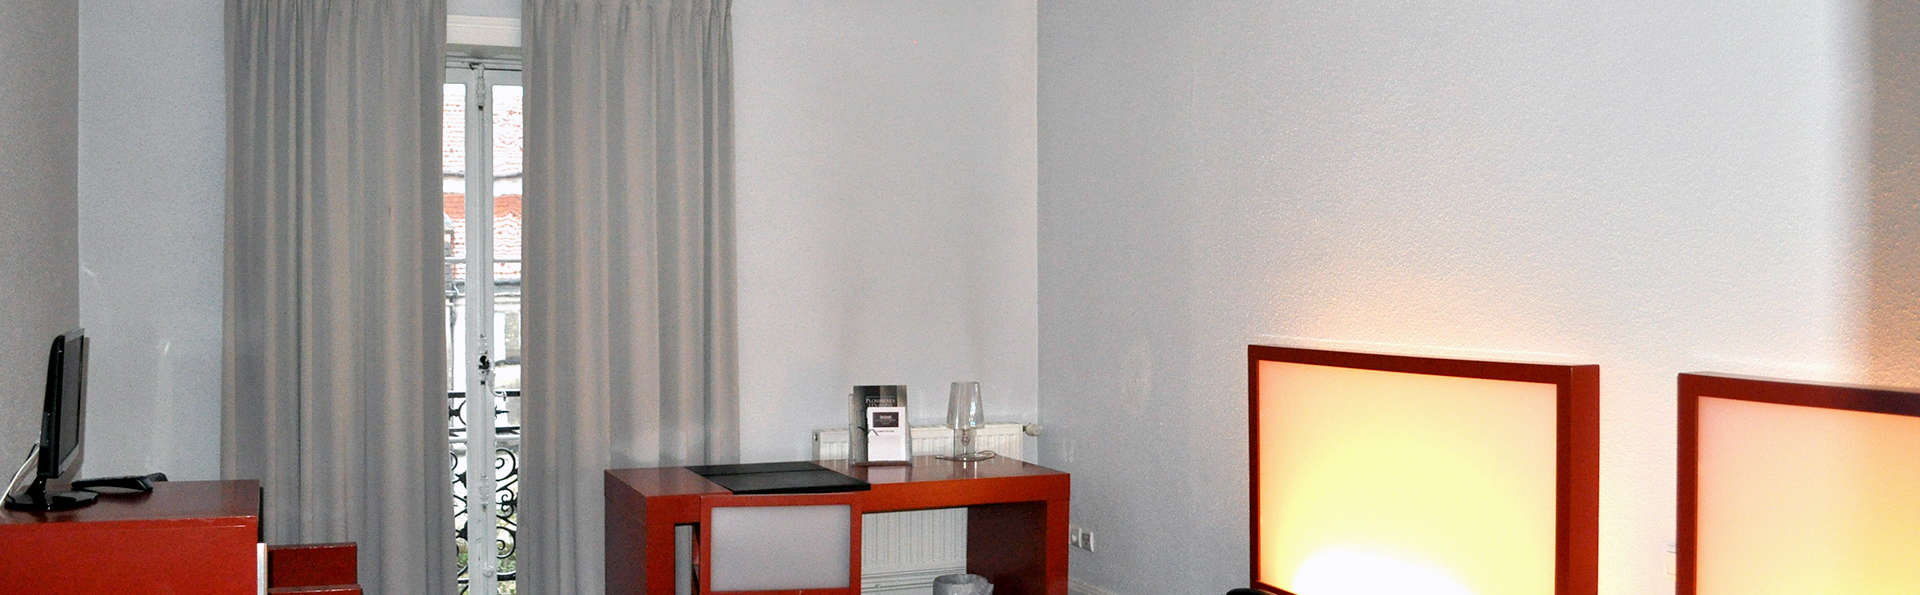 Grand Hôtel - Plombières les bains - Edit_room3.jpg